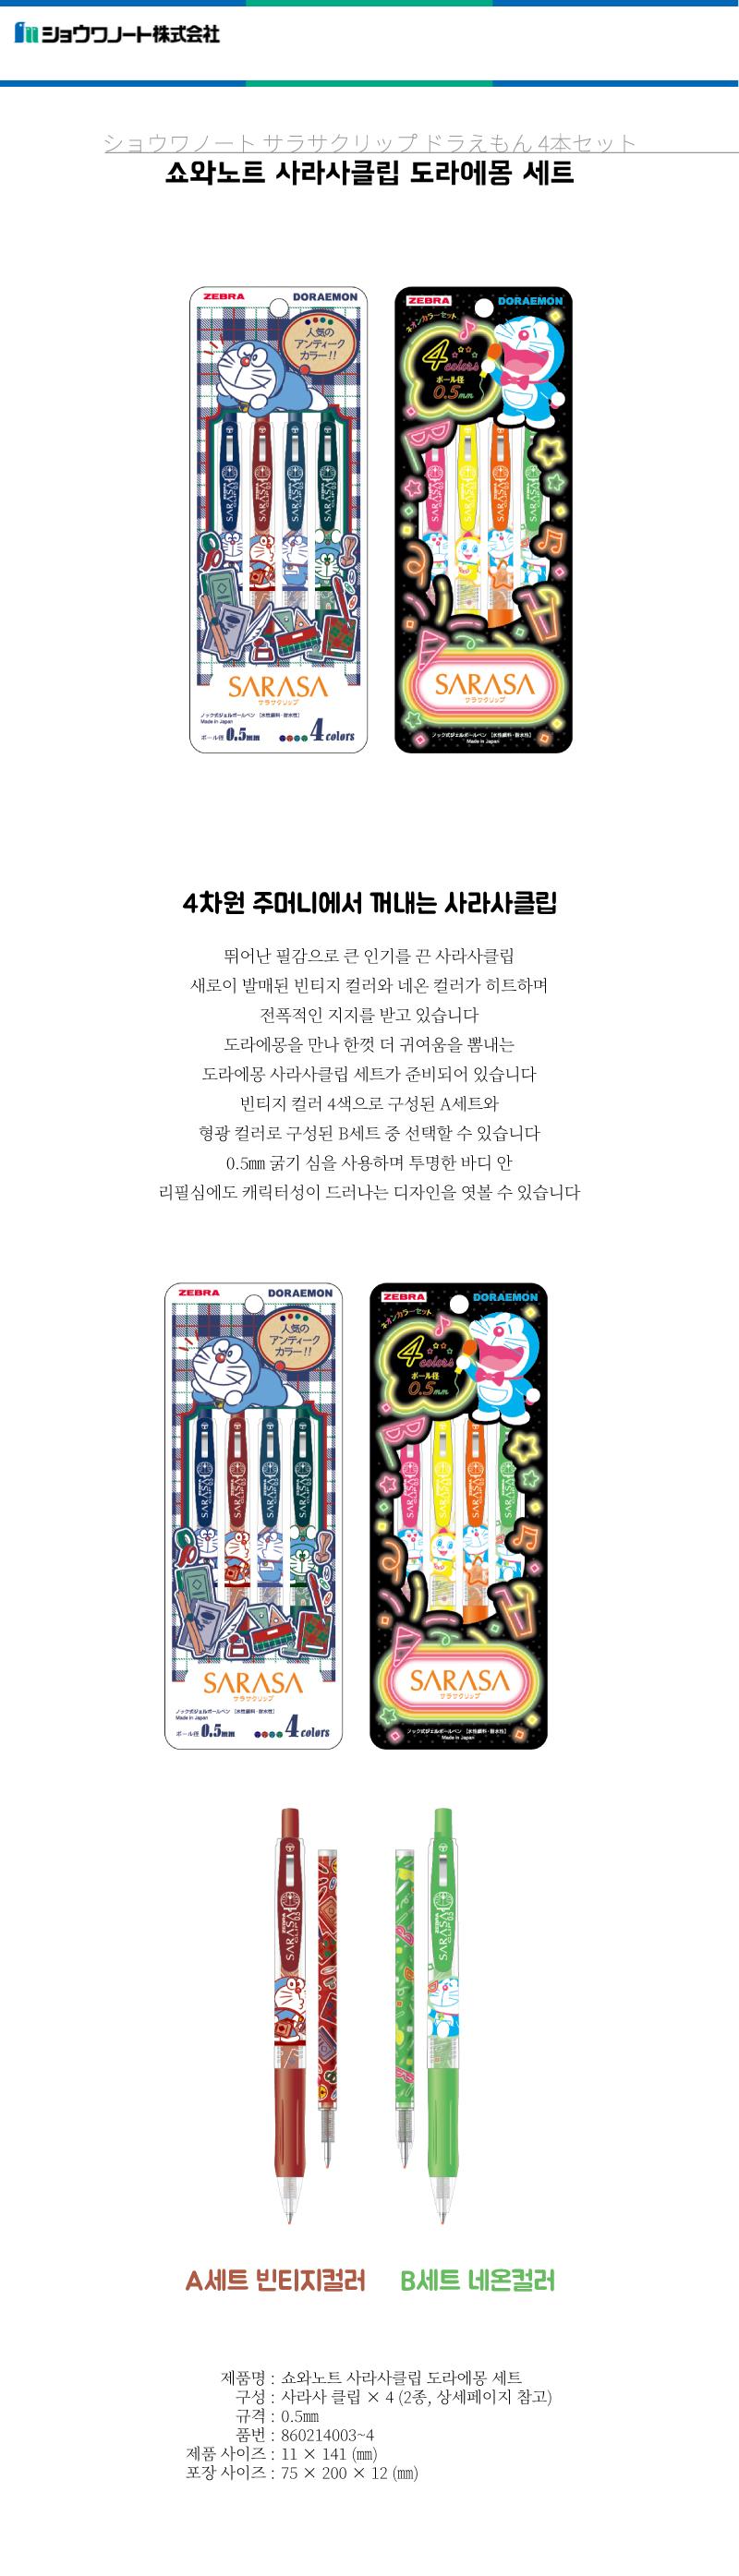 쇼와노트 사라사클립 X 도라에몽 4색세트 - 캘리하우스, 12,000원, 볼펜, 캐릭터 볼펜